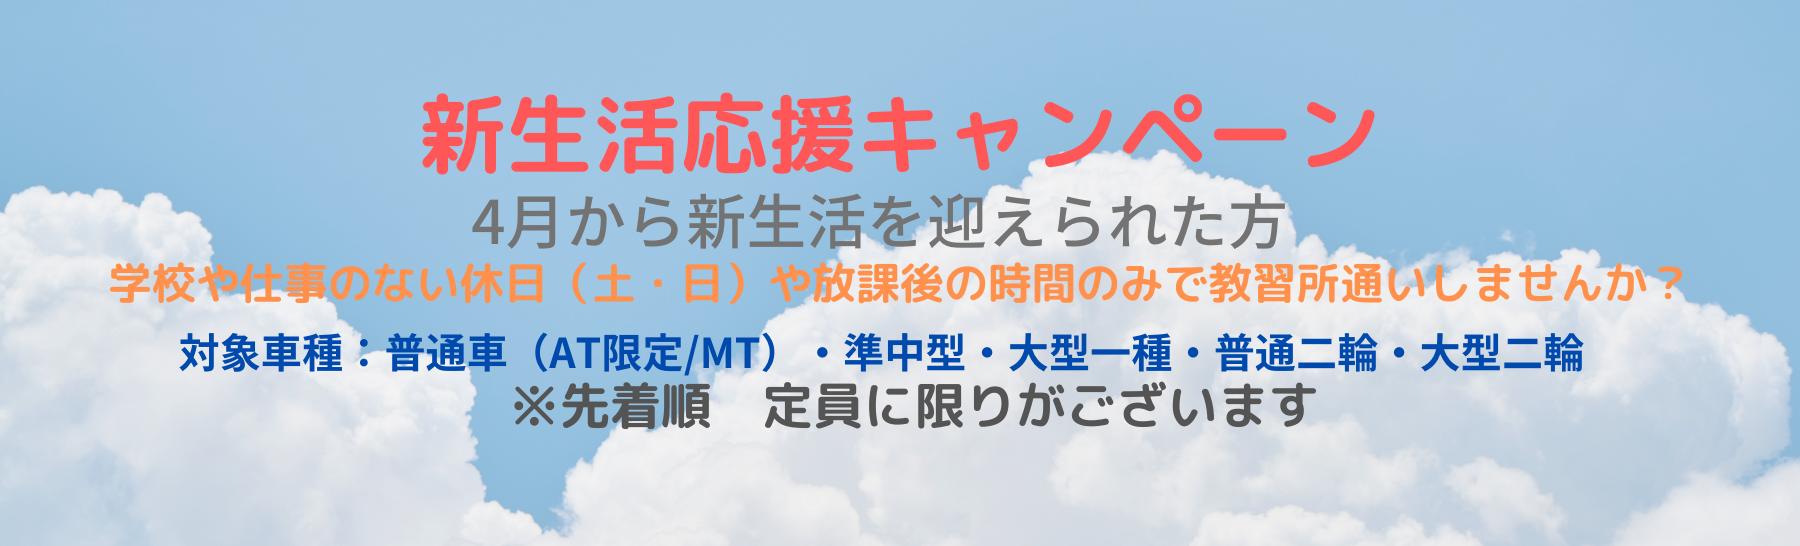 アンの新生活応援キャンペーン!!!定員に限りがございます!お早めに!!!